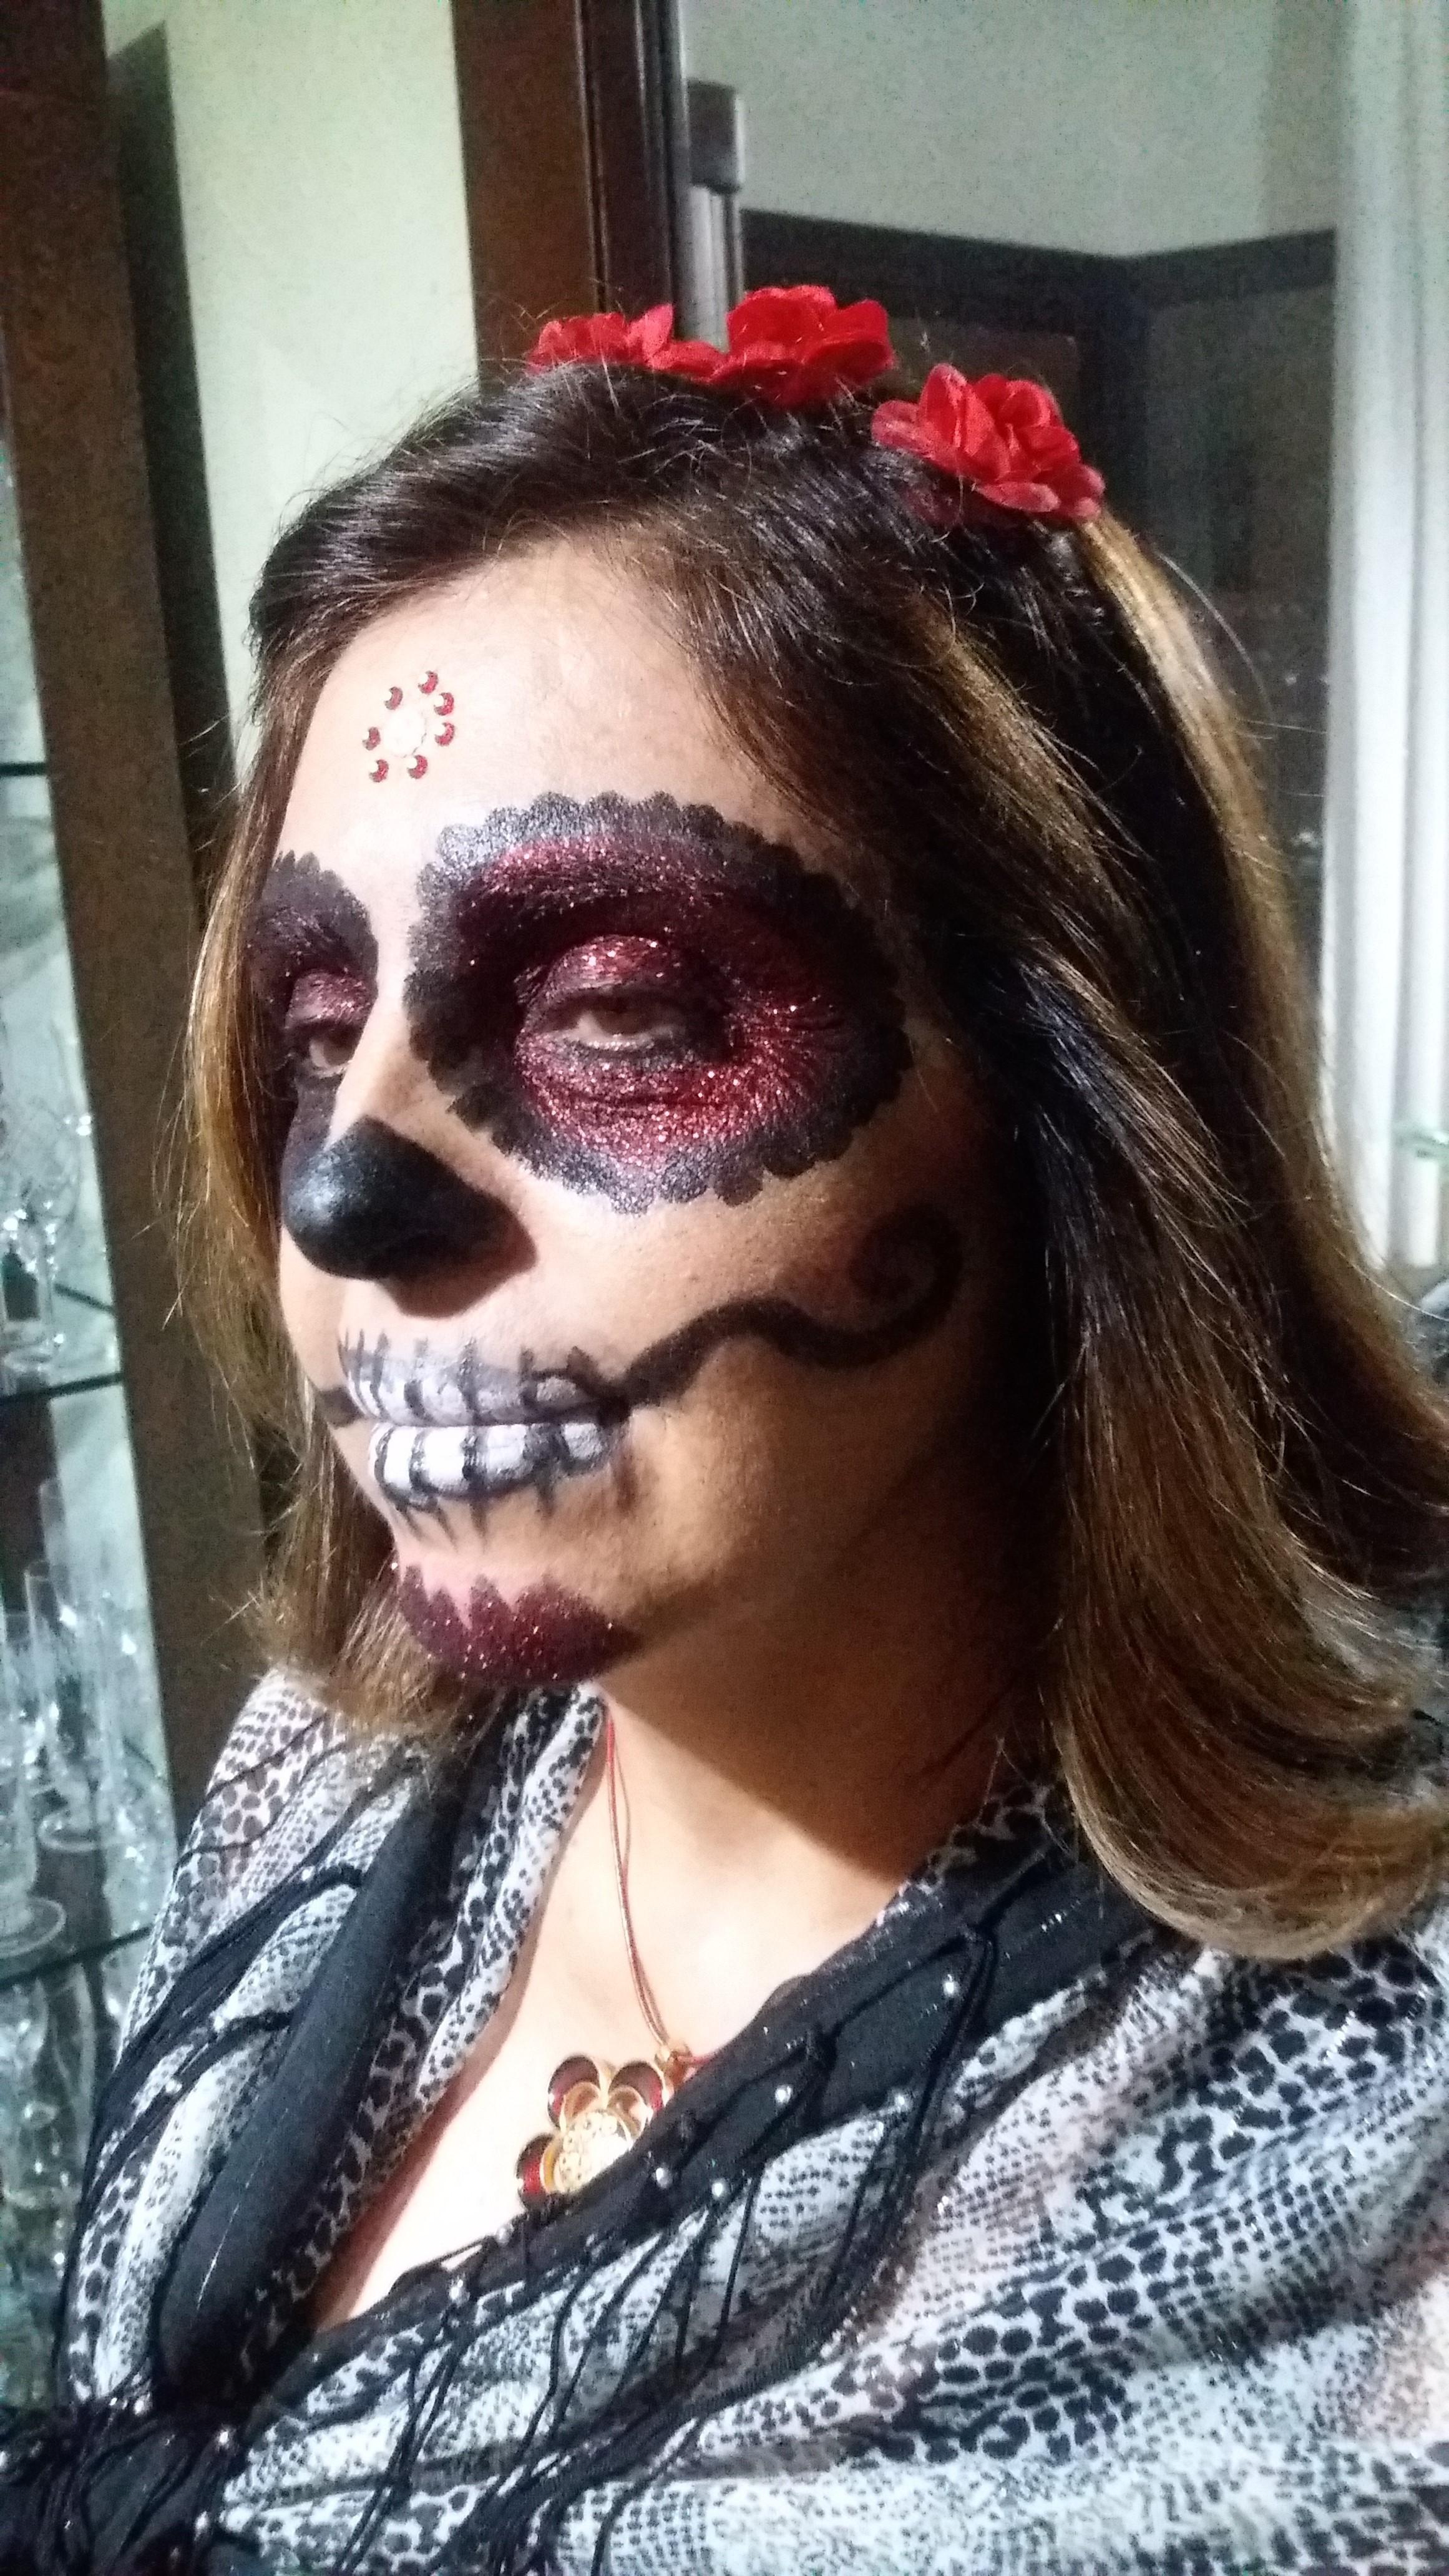 Maquiagem Artística - festa de halloween - Caveira Mexicana Veja mais no meu Blog Vaidosas de Batom:  www.vaidosasdebatom.com maquiagem maquiador(a) docente / professor(a)